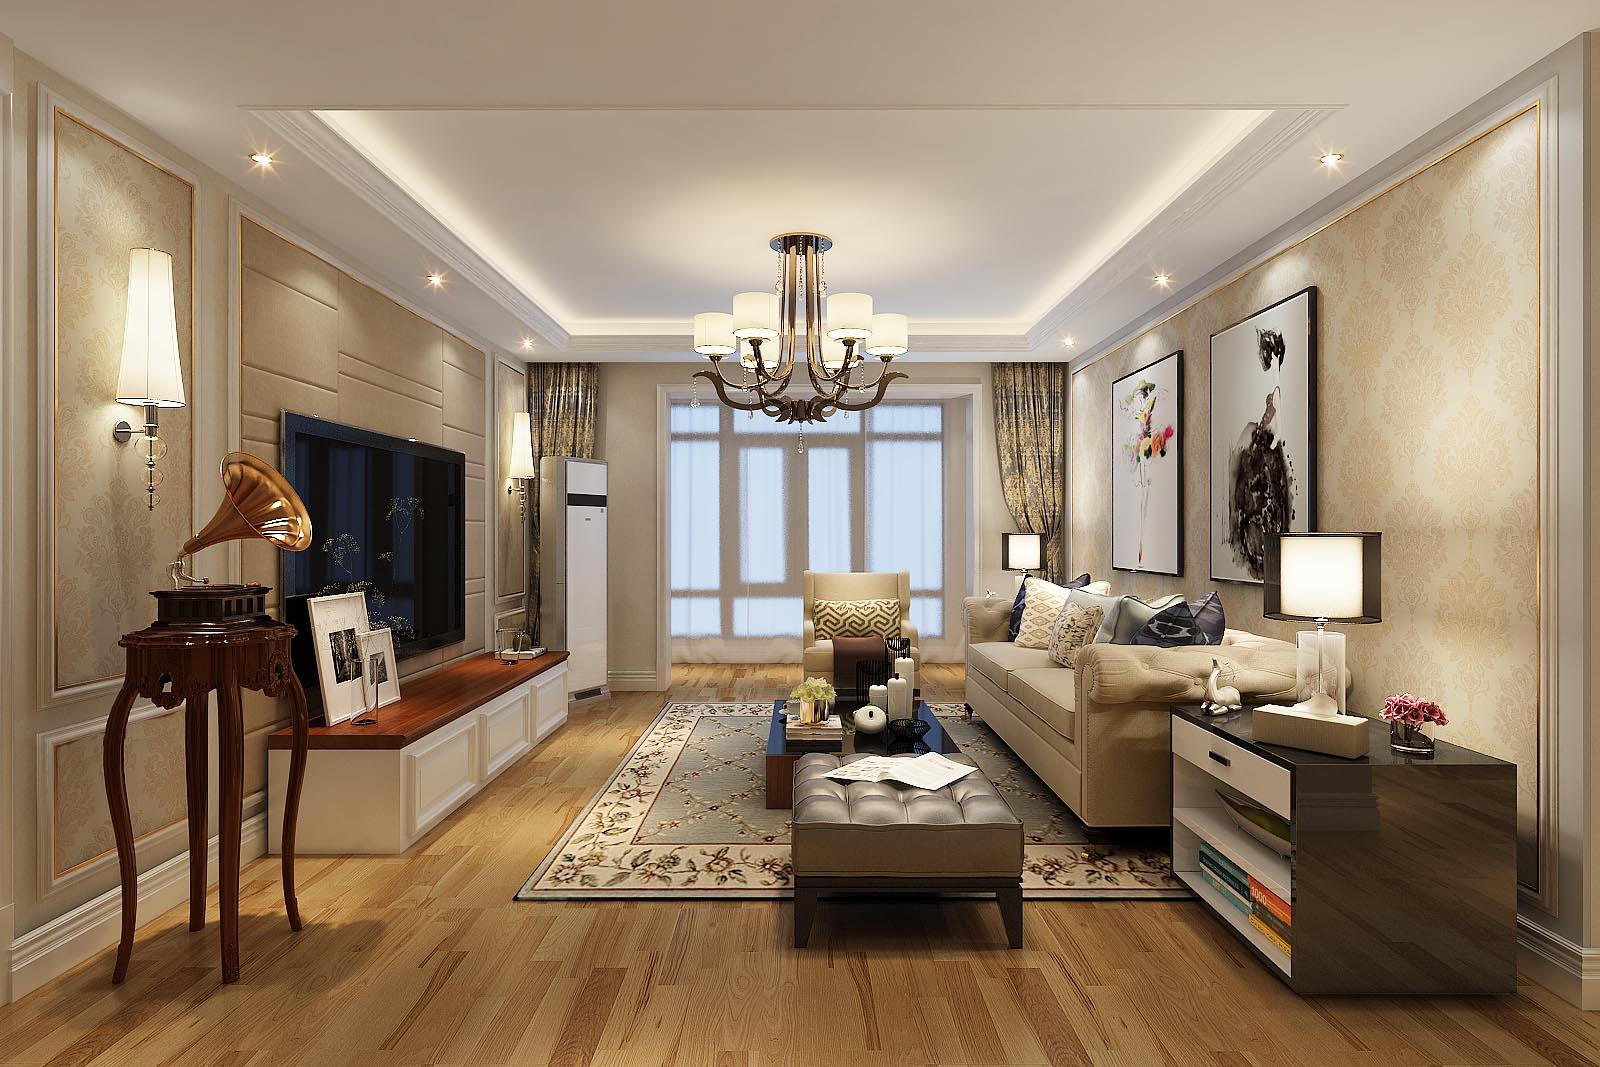 客厅图片来自业之峰装饰旗舰店在温暖年华的分享